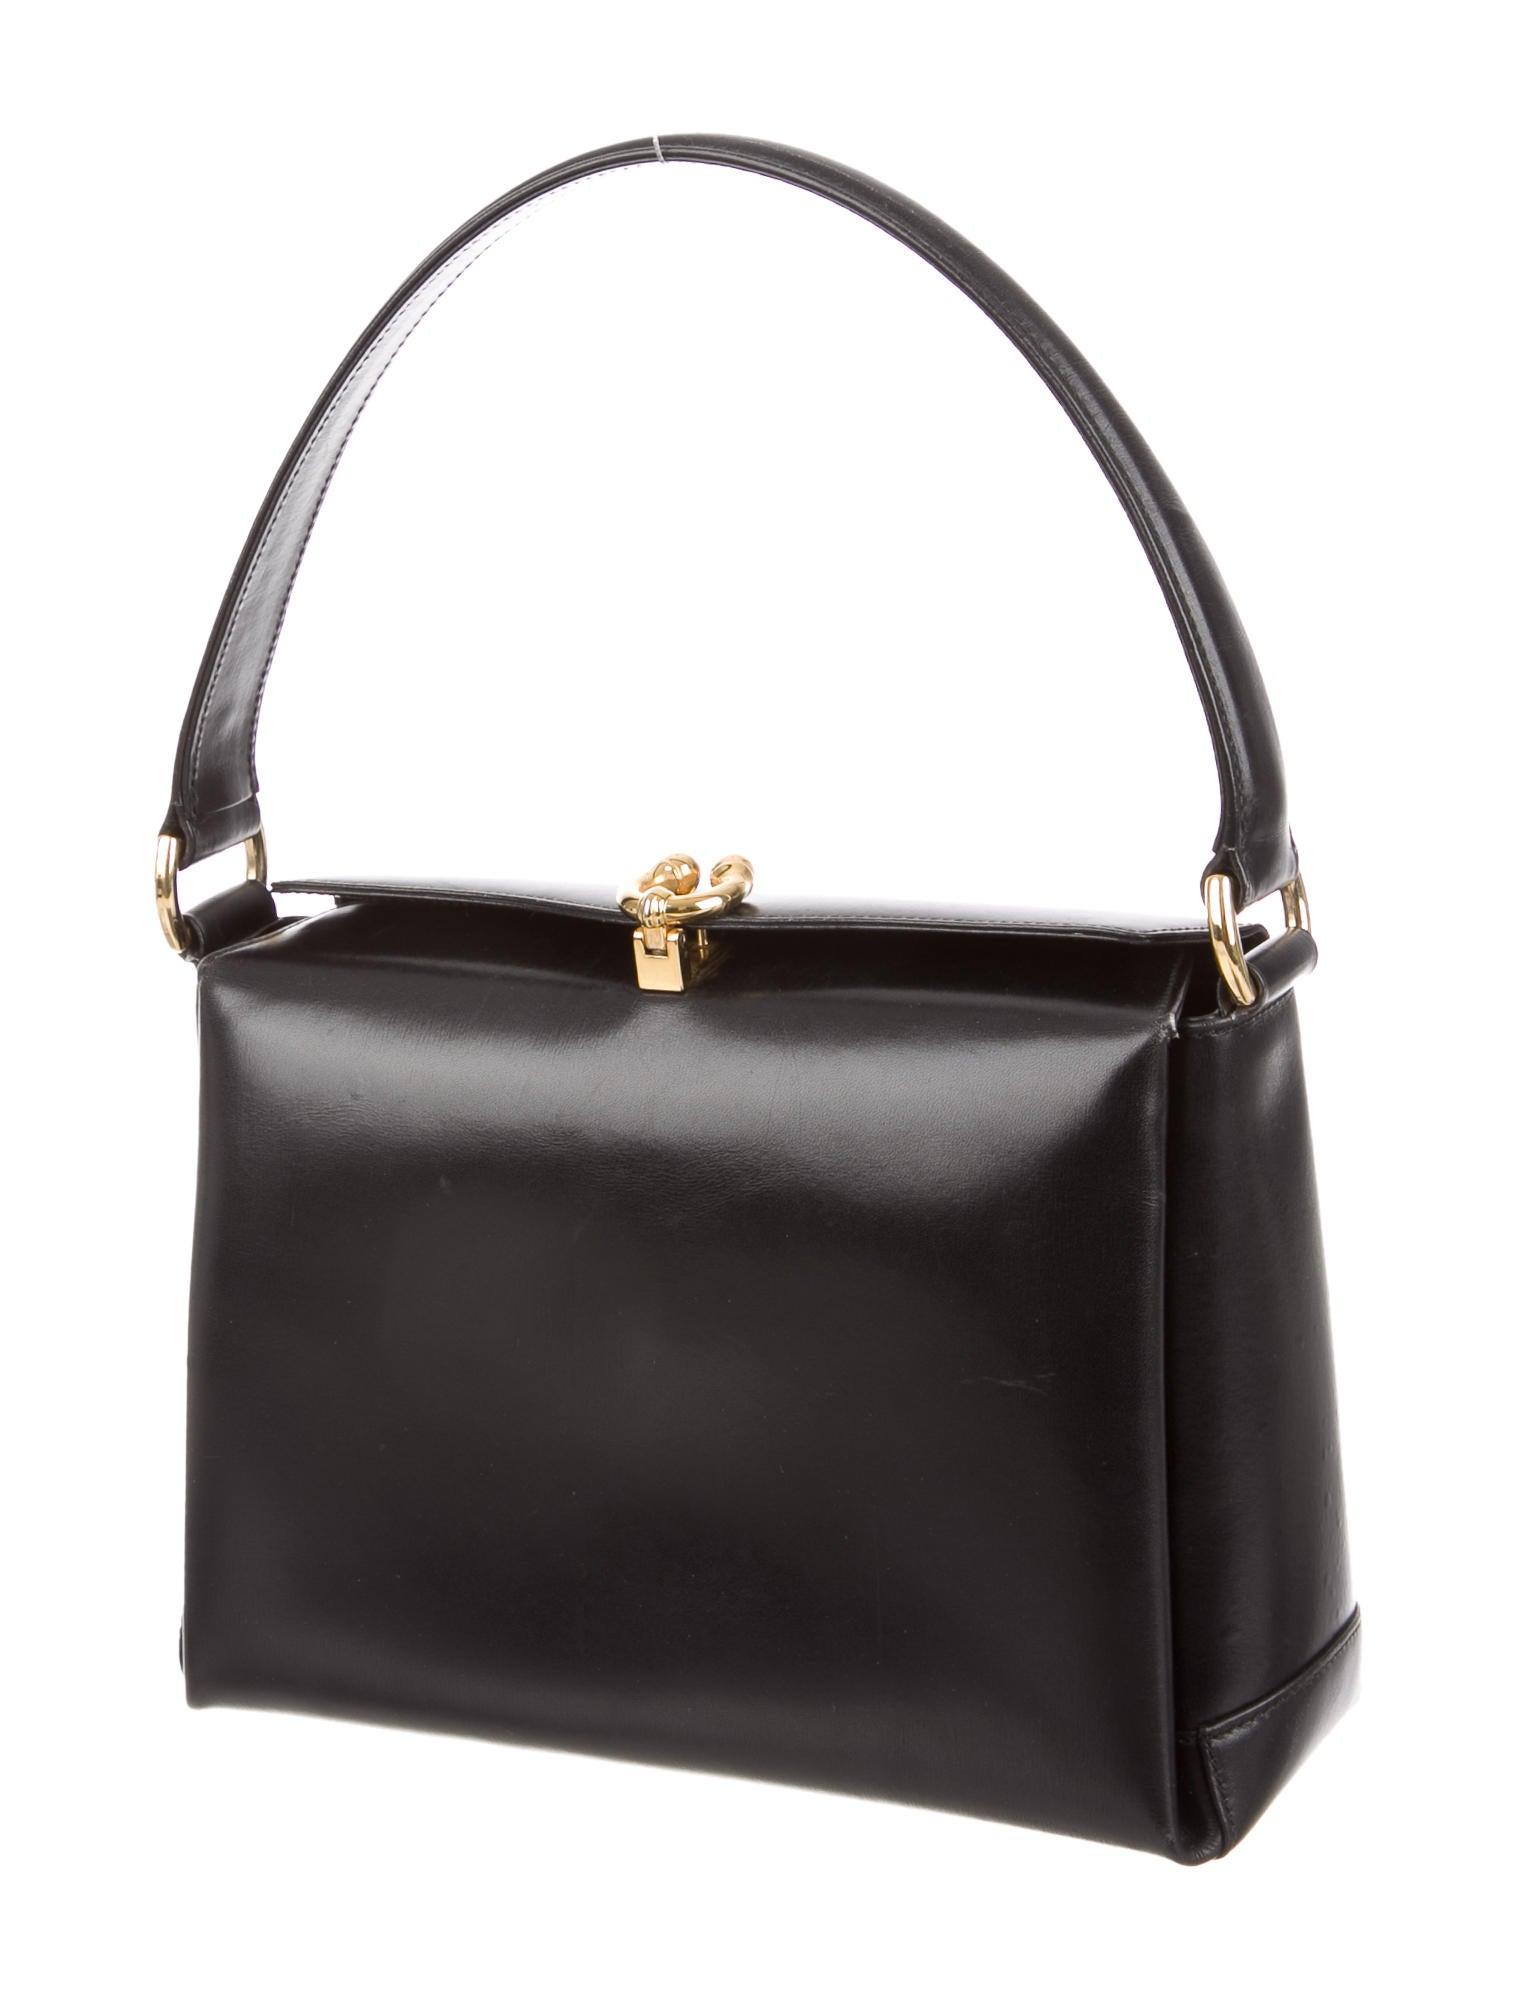 Gucci Vintage Handle Bag - Handbags